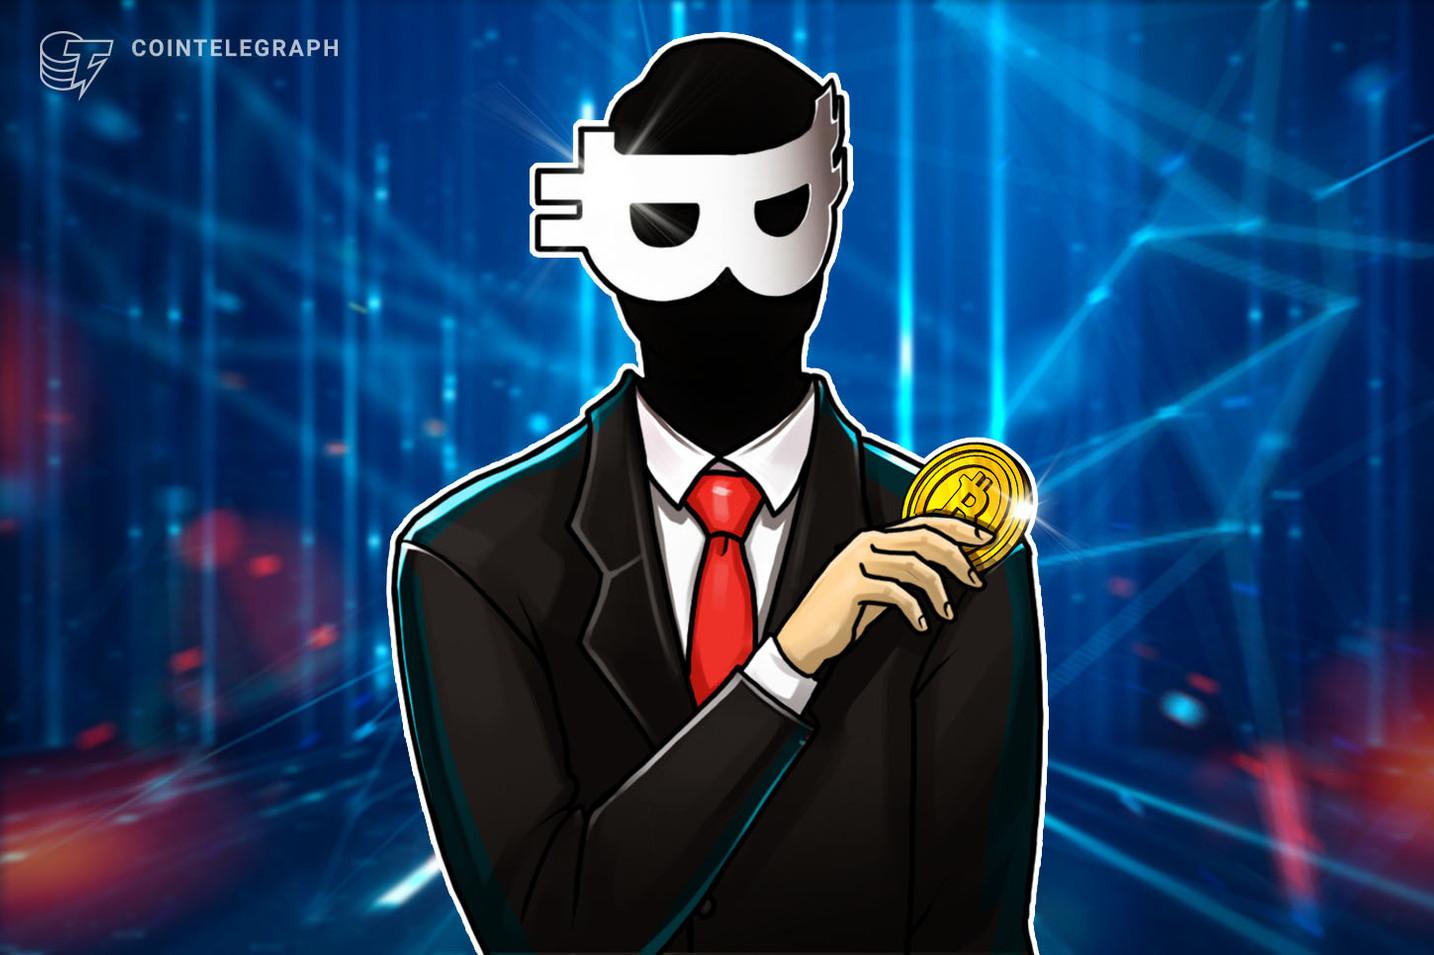 「仮想通貨ビットコインだけで十分、サトシは戻って来るべきではない」=アダム・バック氏